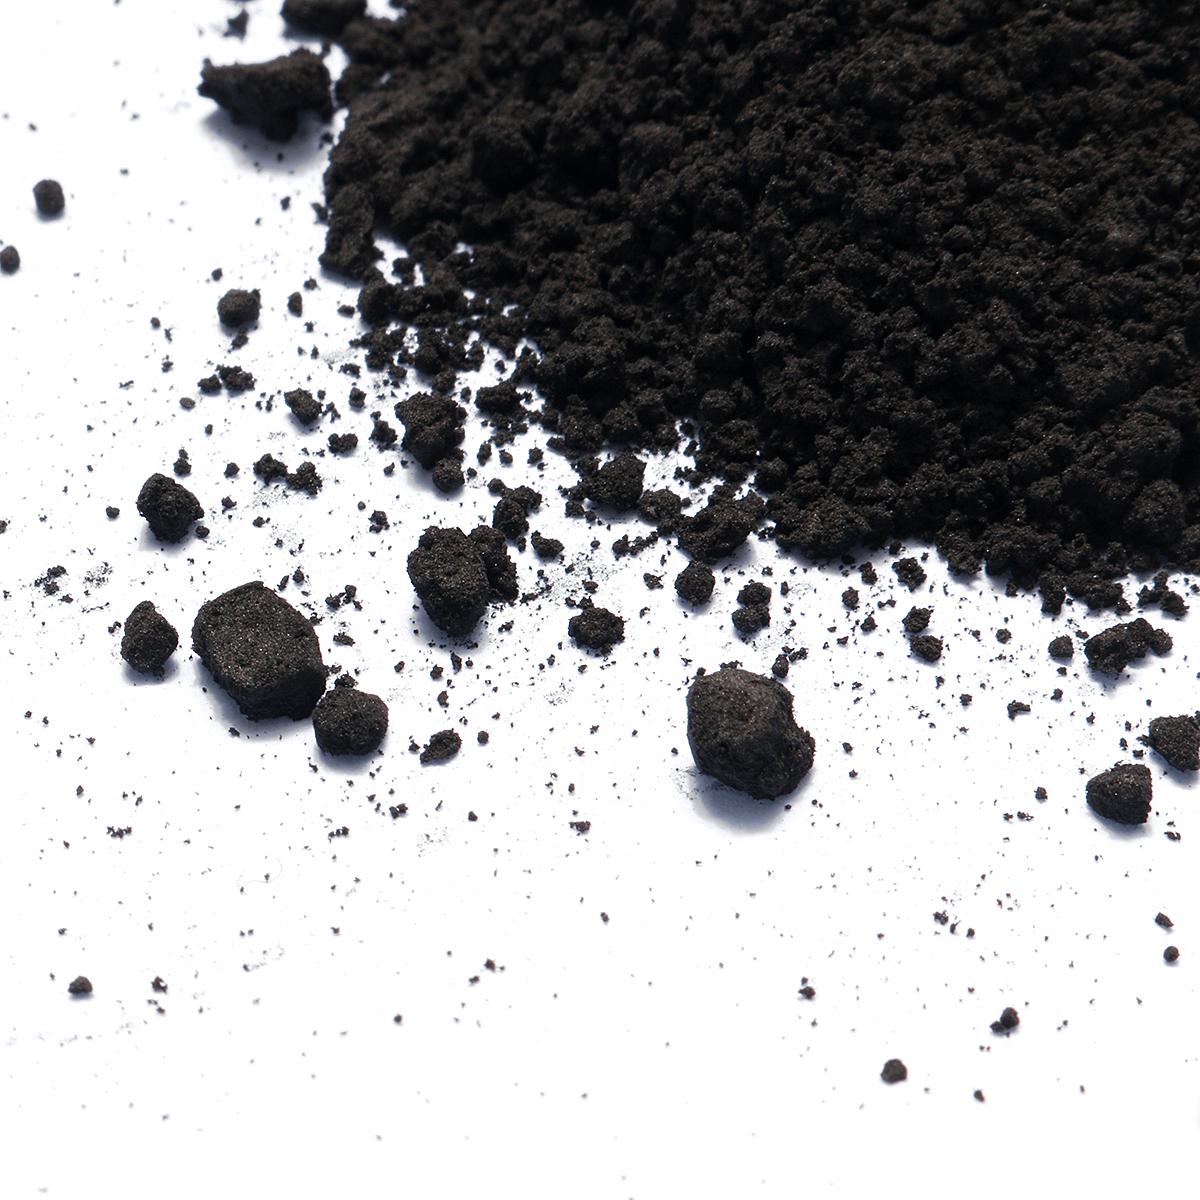 350 г Порошок черного графита 5 Микрона ультра тонкий 99,9% Чистый Военный Сорт - фото 5